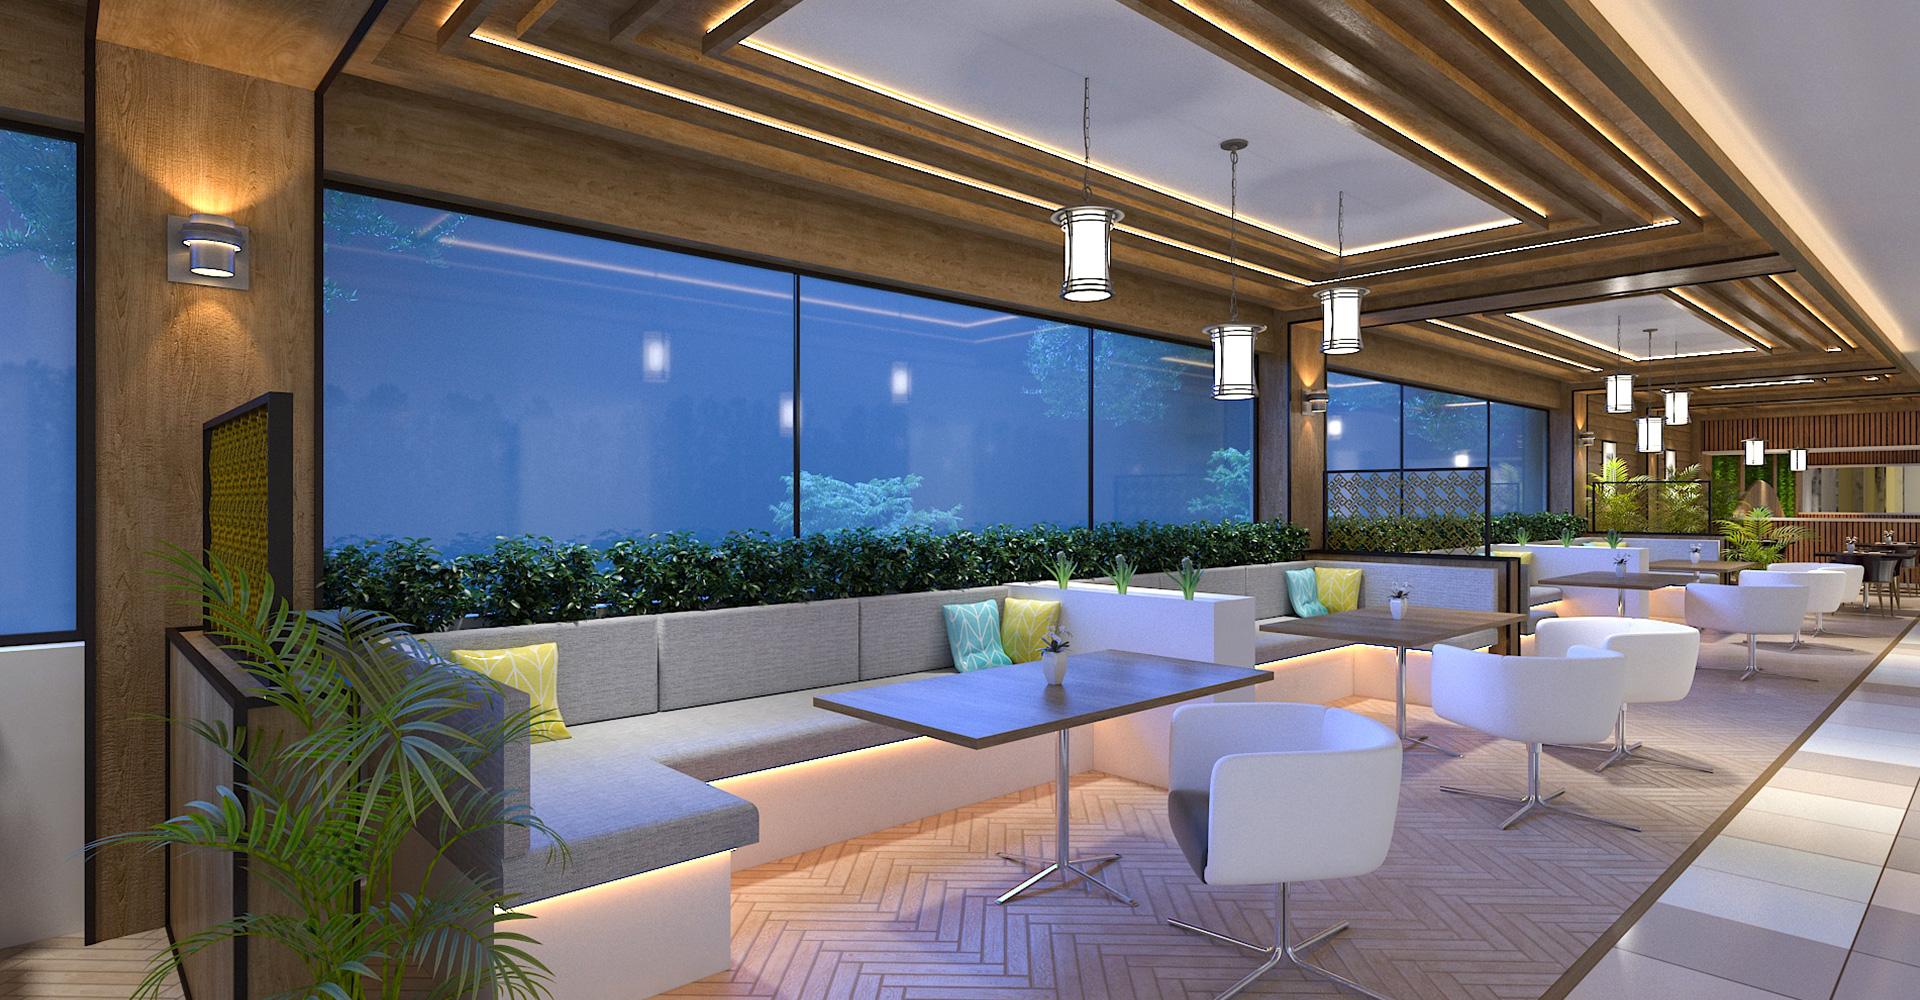 rstaurant-interior-design-hiline-lahore-portfolio-jasmine-mall-01